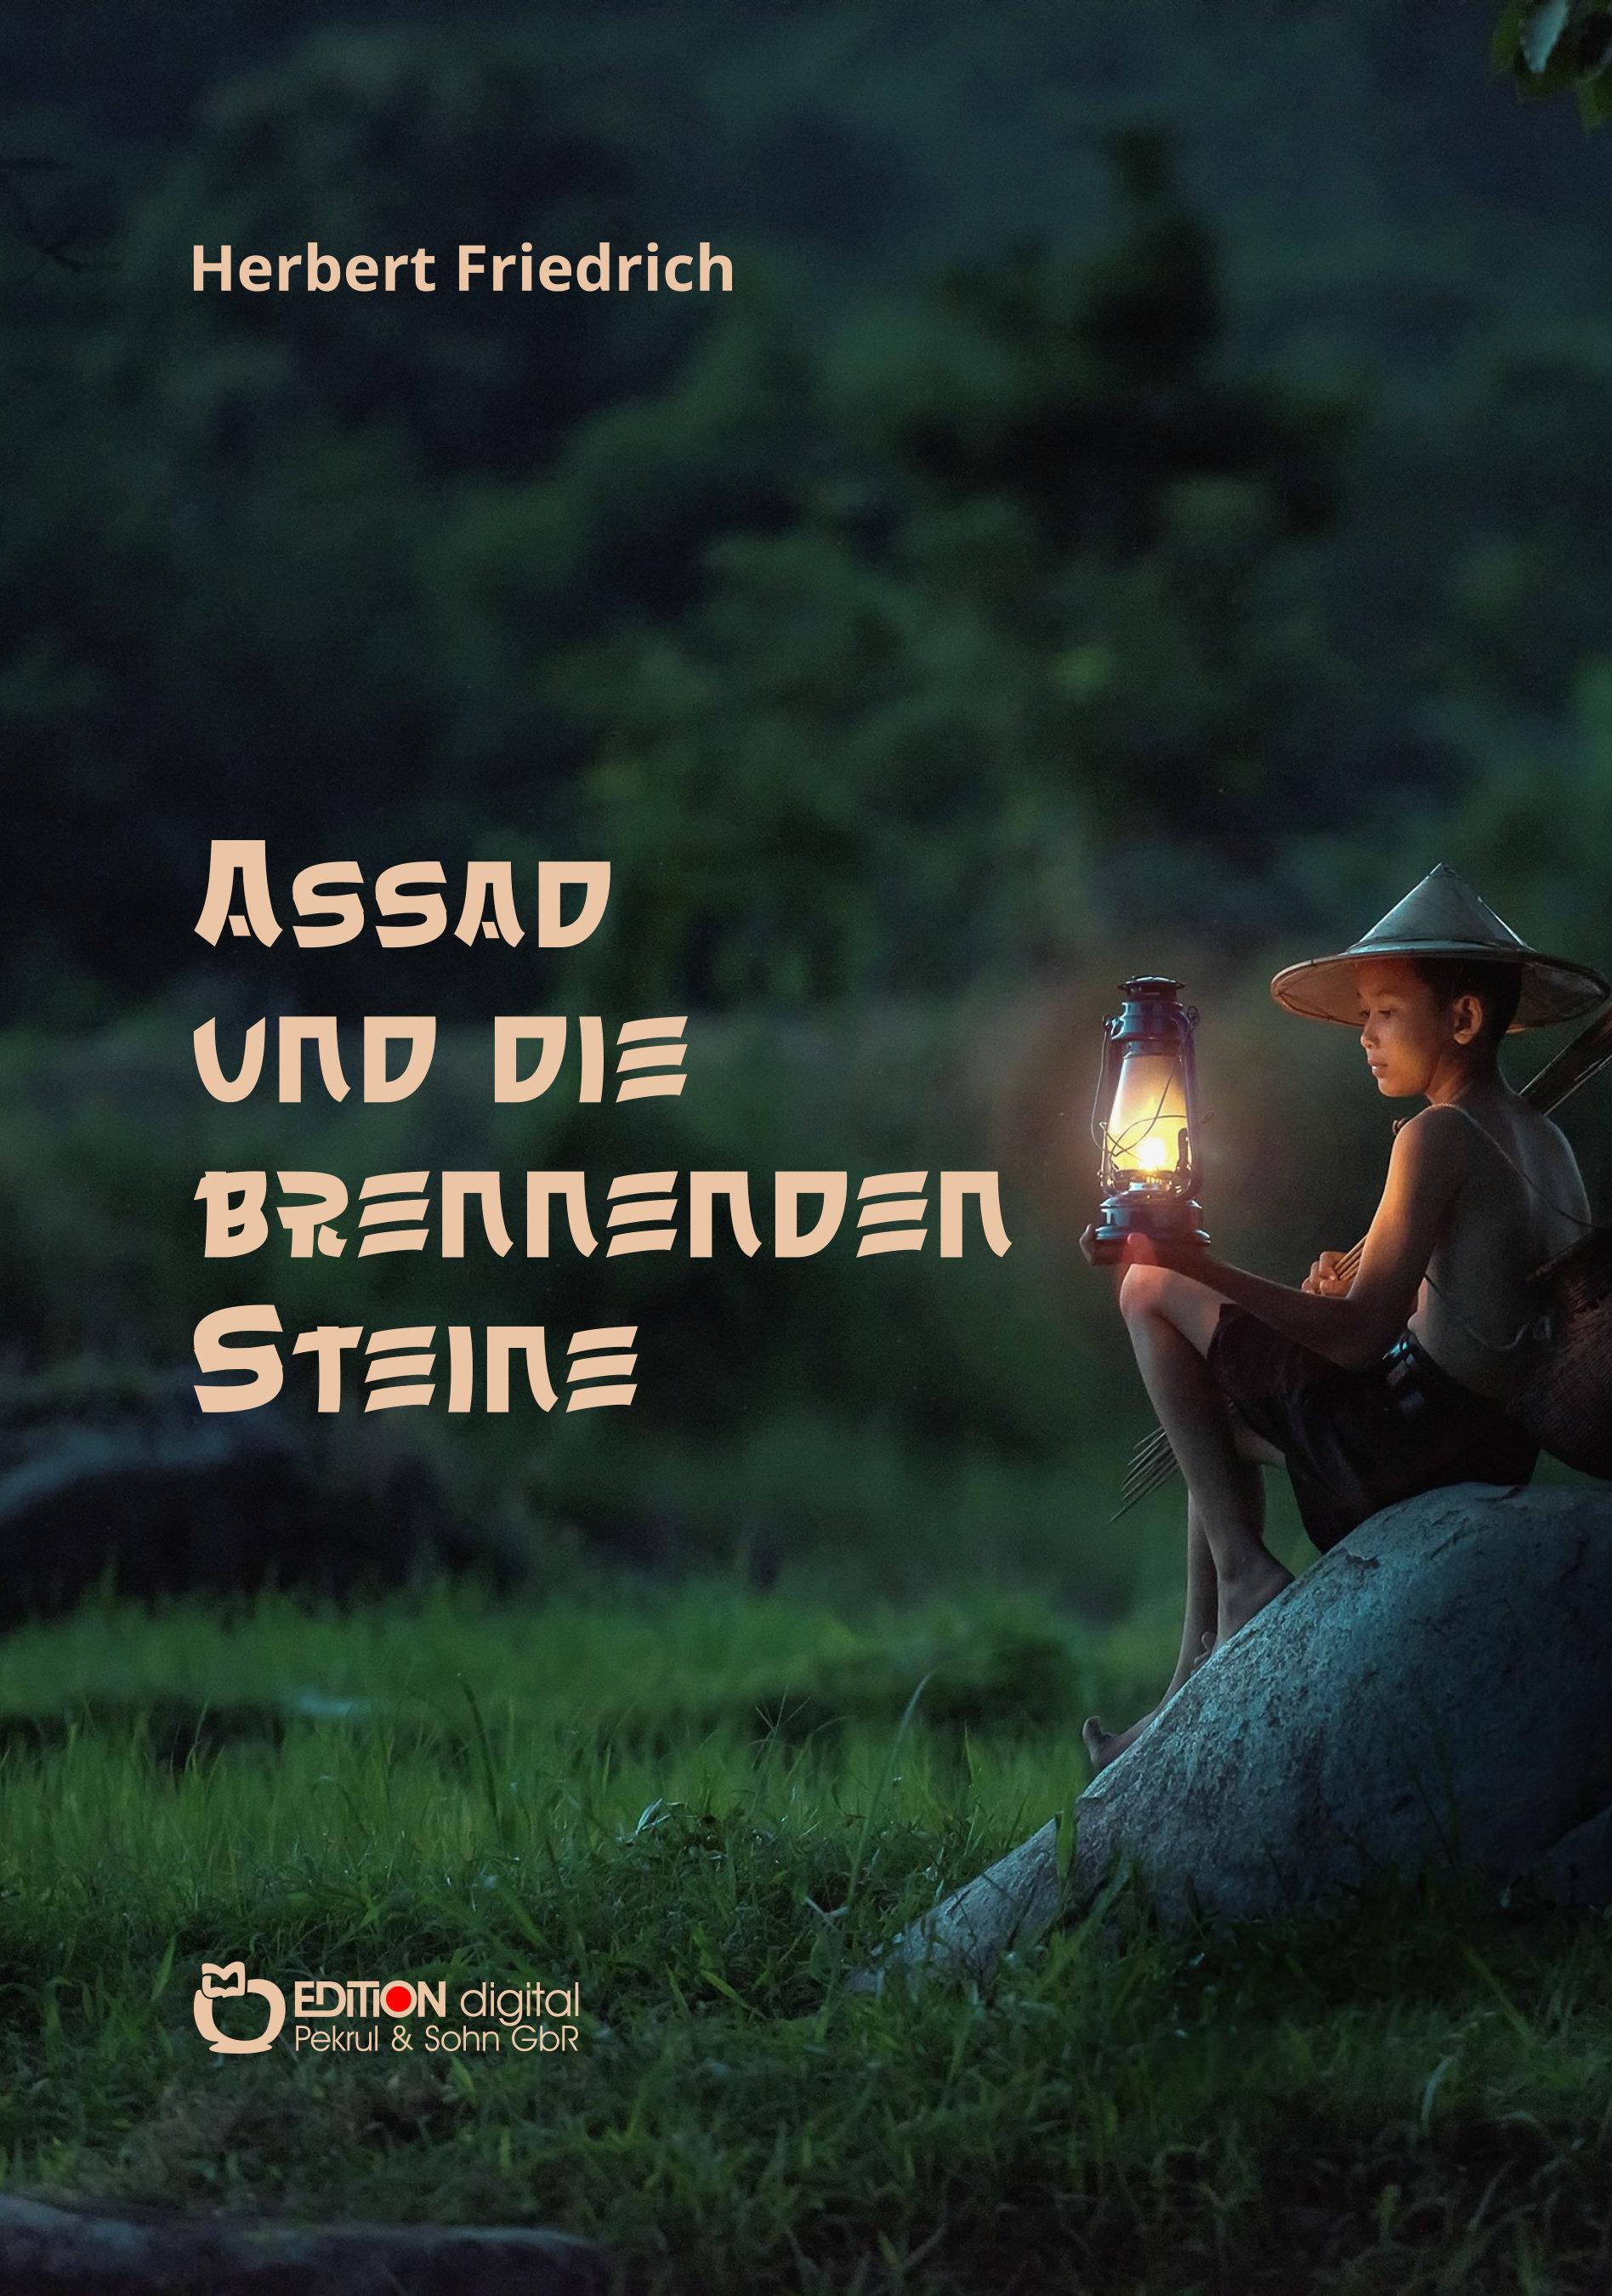 Assad und die brennenden Steine von Herbert Friedrich